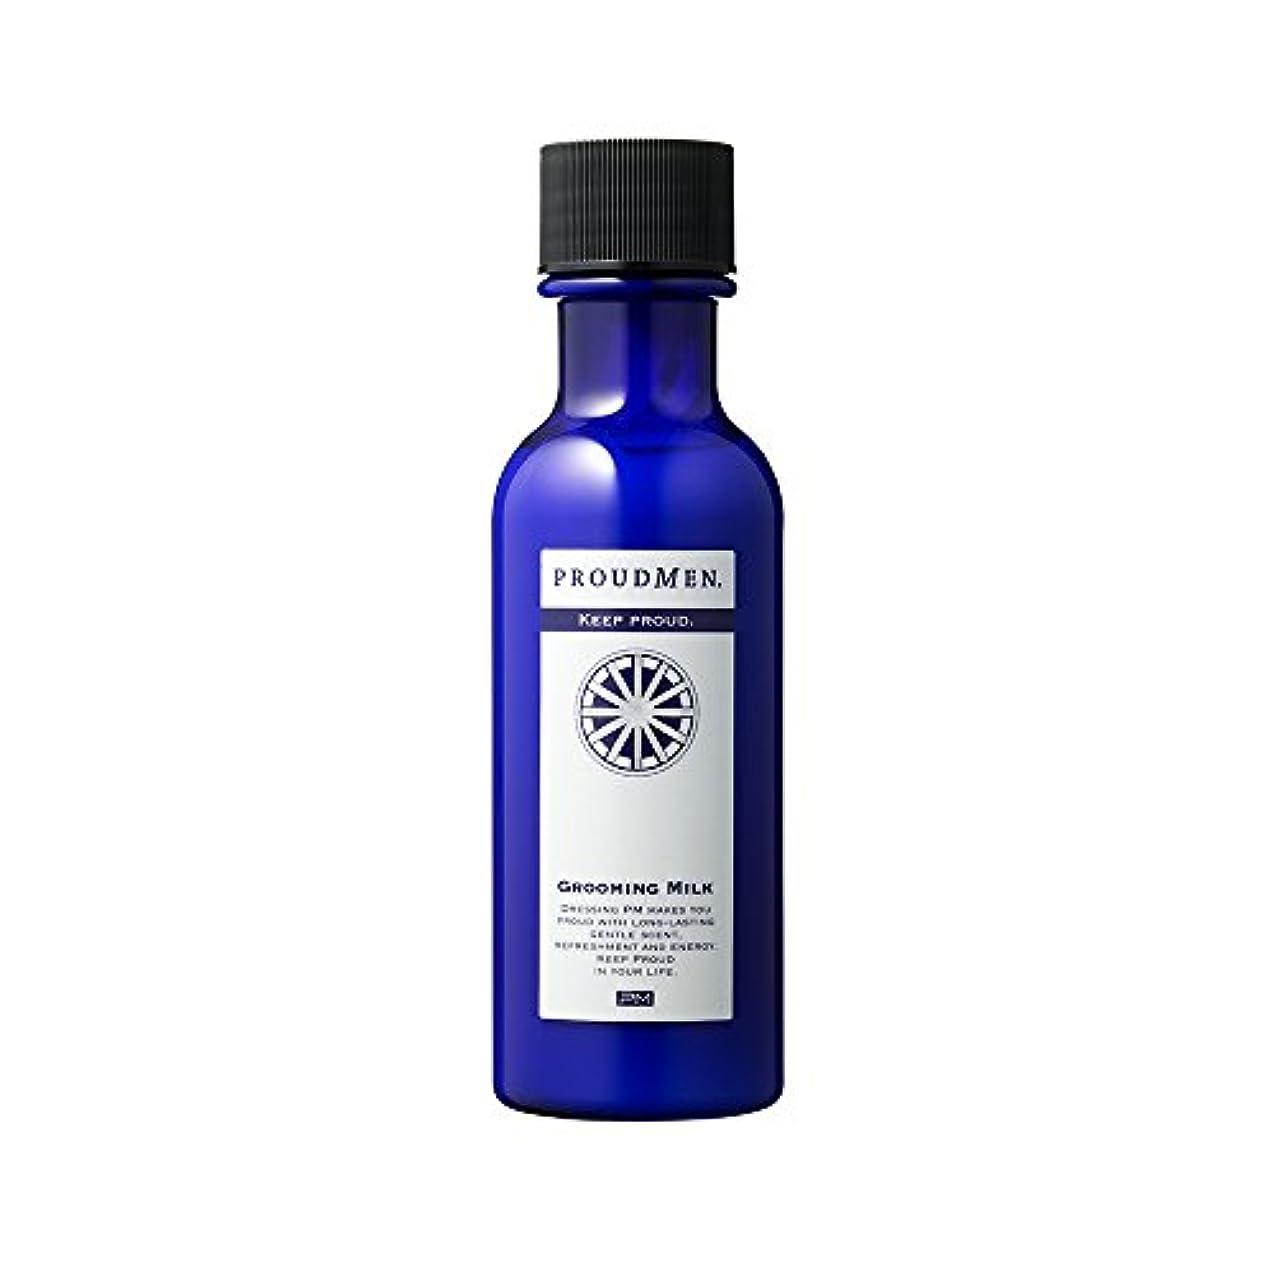 損失活性化メンタリティプラウドメン グルーミングミルク 100ml 化粧水 メンズ アフターシェーブ